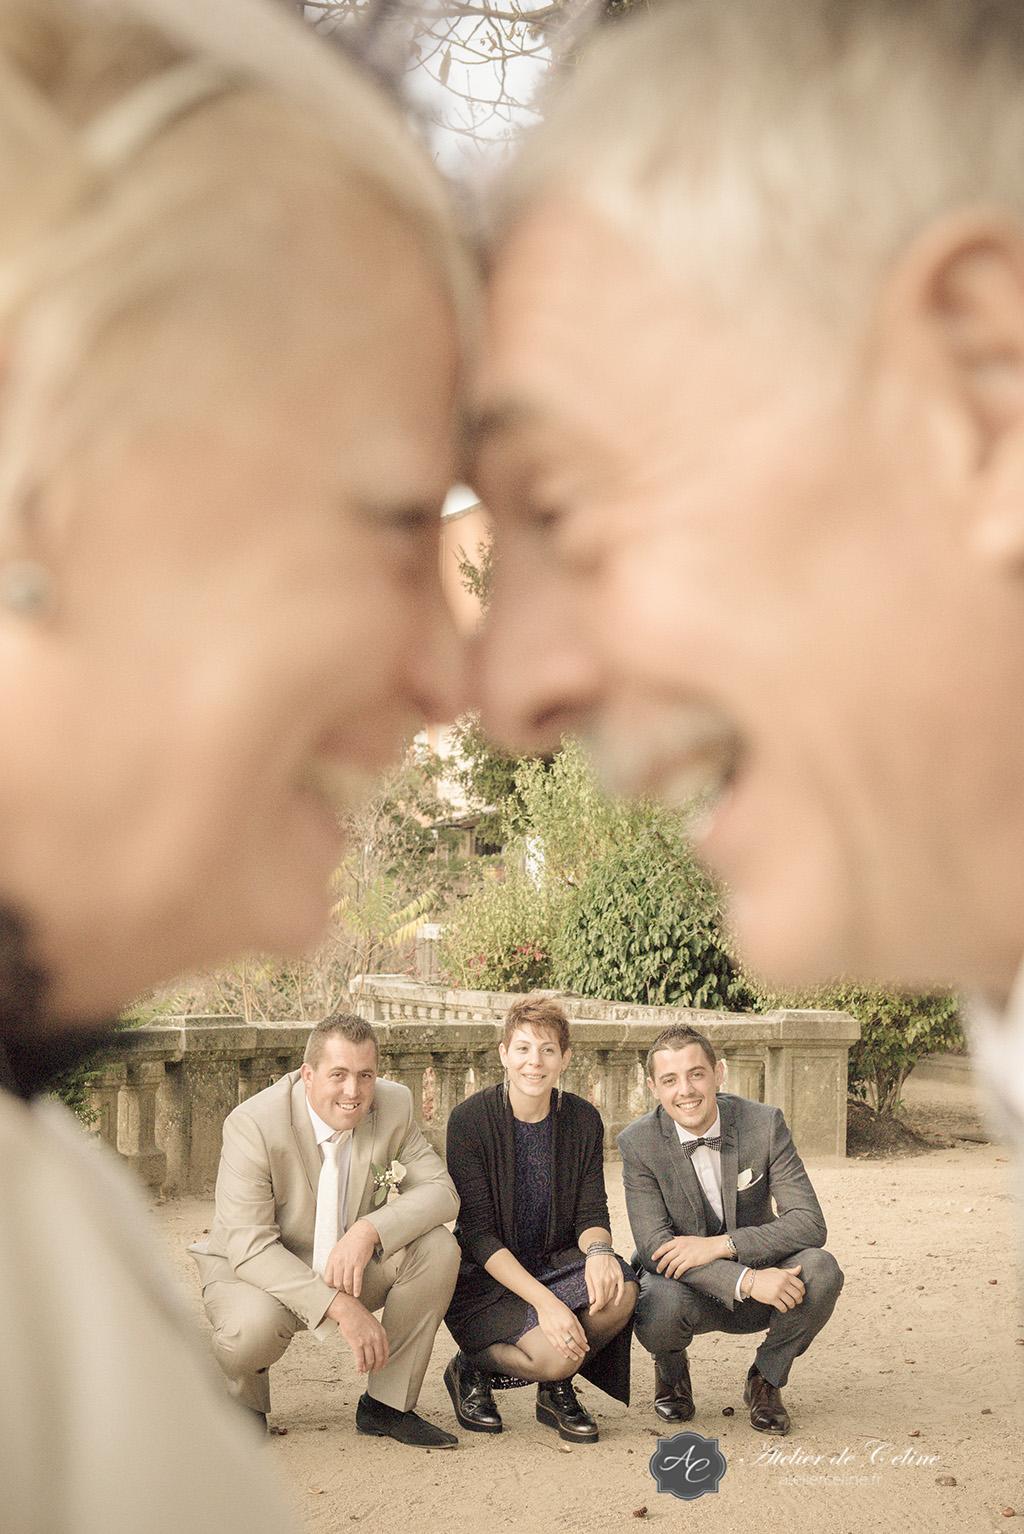 Mariage, photos de famille, couple, extérieur (1)